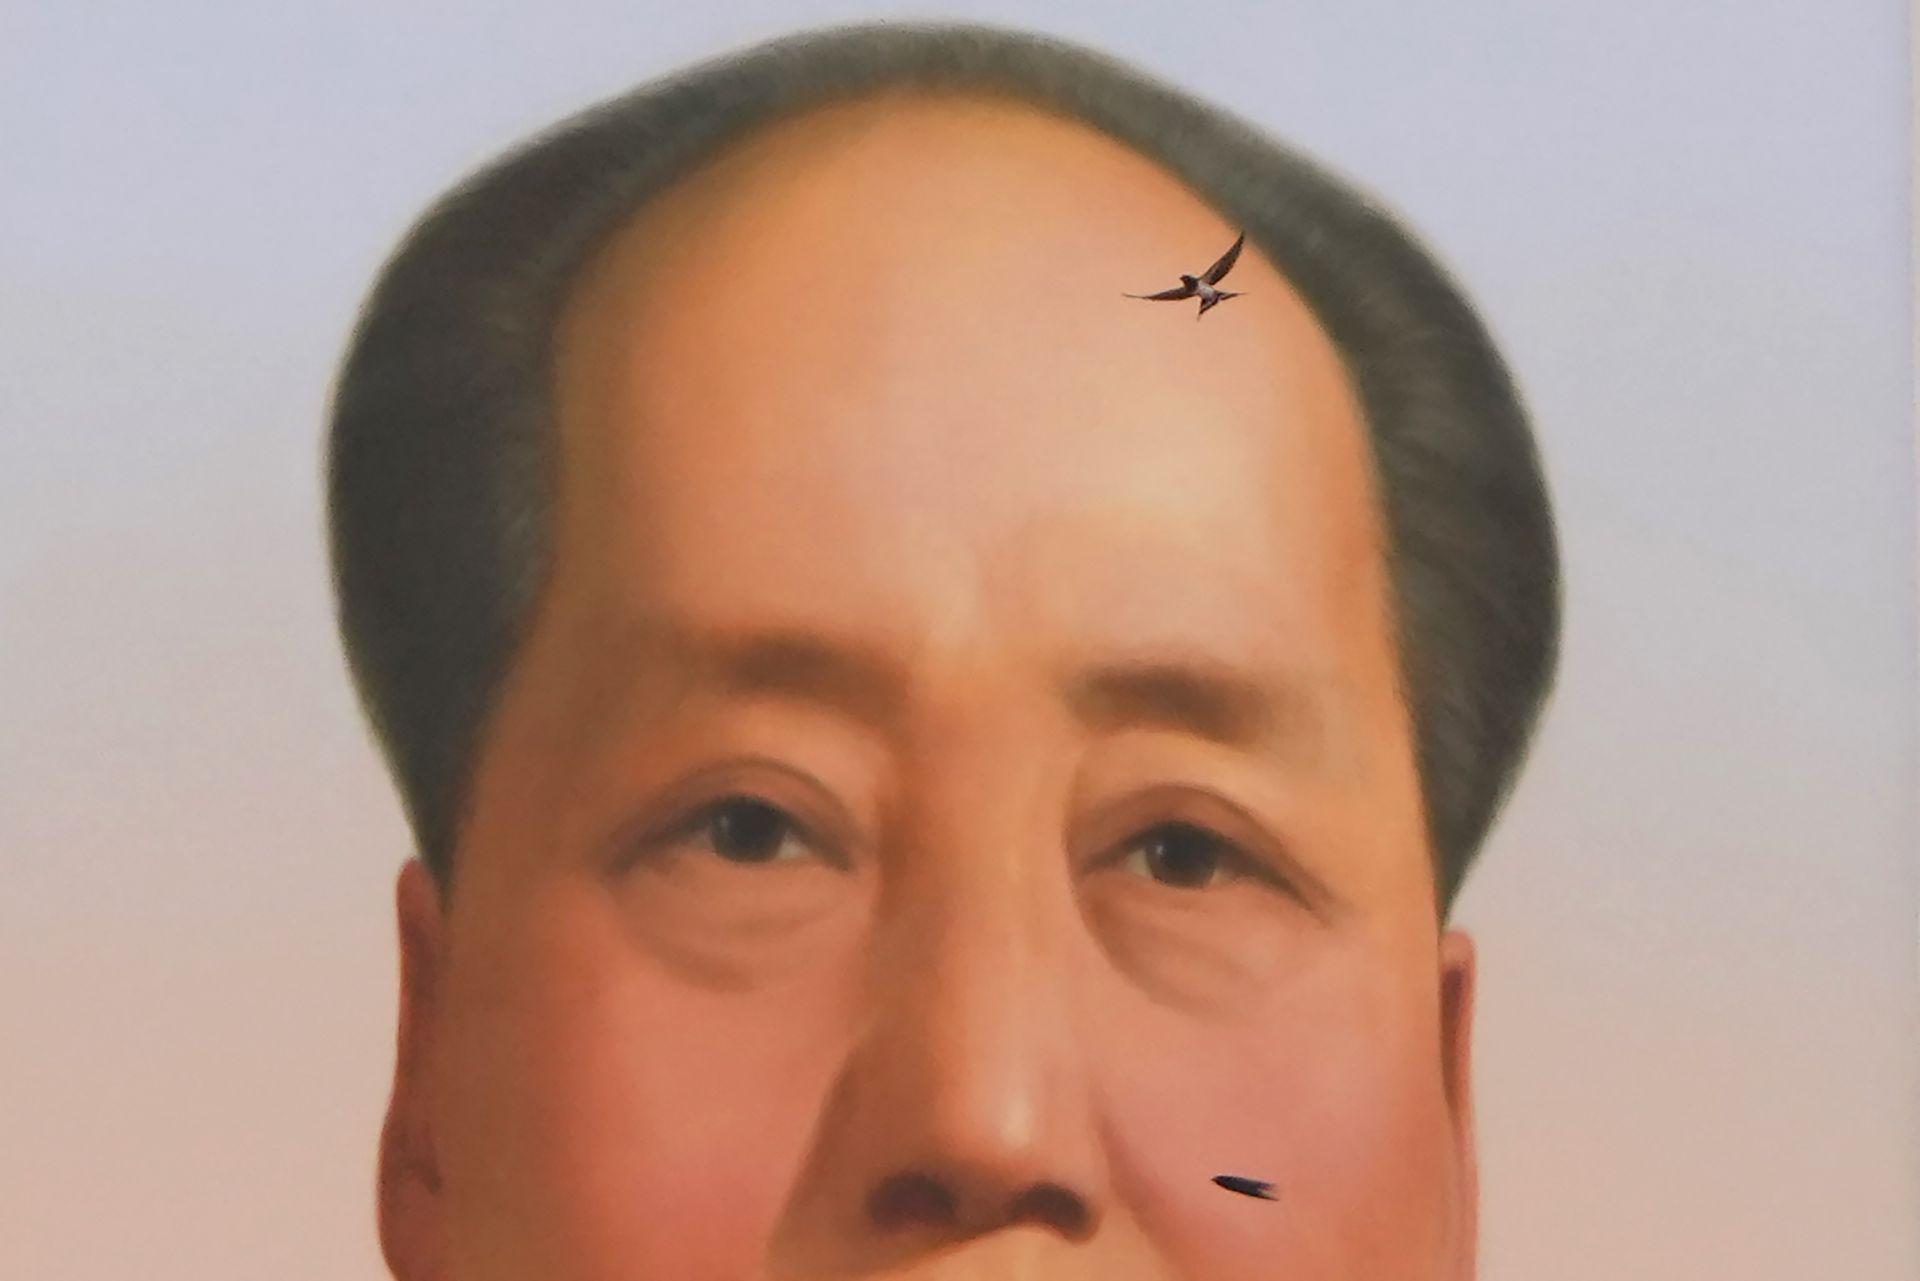 Лястовица лети близо до портрета на покойния китайски лидер Мао Дзедун по време на церемония по повод 100-годишнината от основаването на управляващата китайска комунистическа партия на портата Тянанмън в Пекин